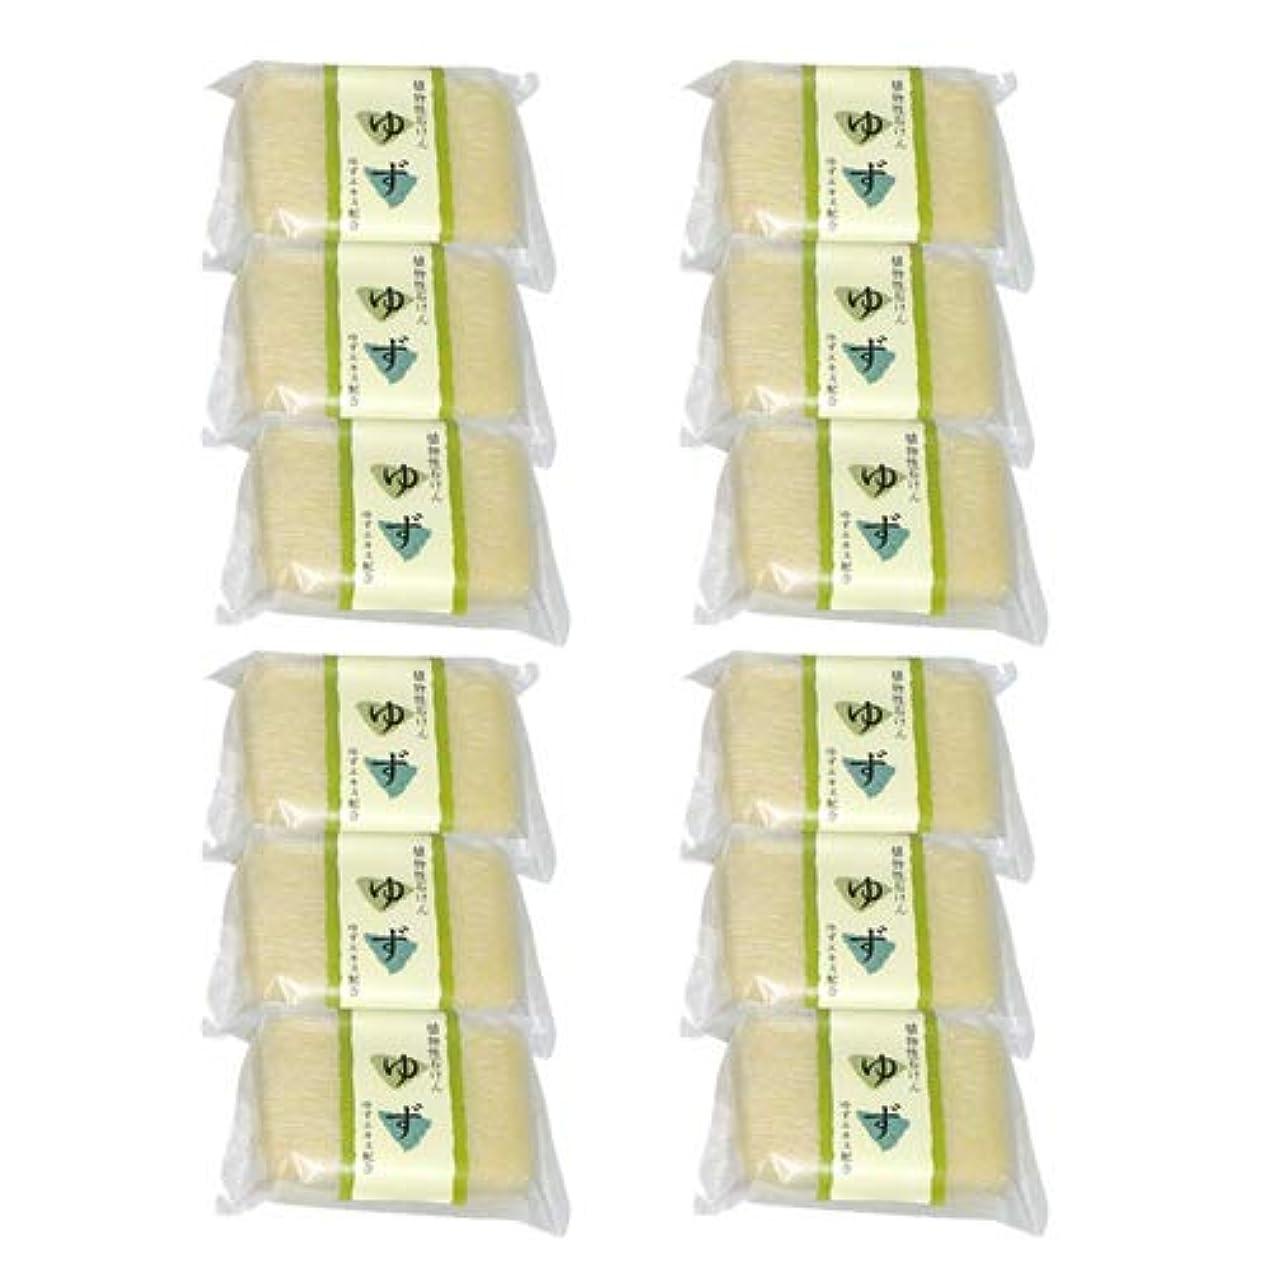 乳剤転送バーベキュー植物性ソープ 自然石けん ゆず 80g×12個セット